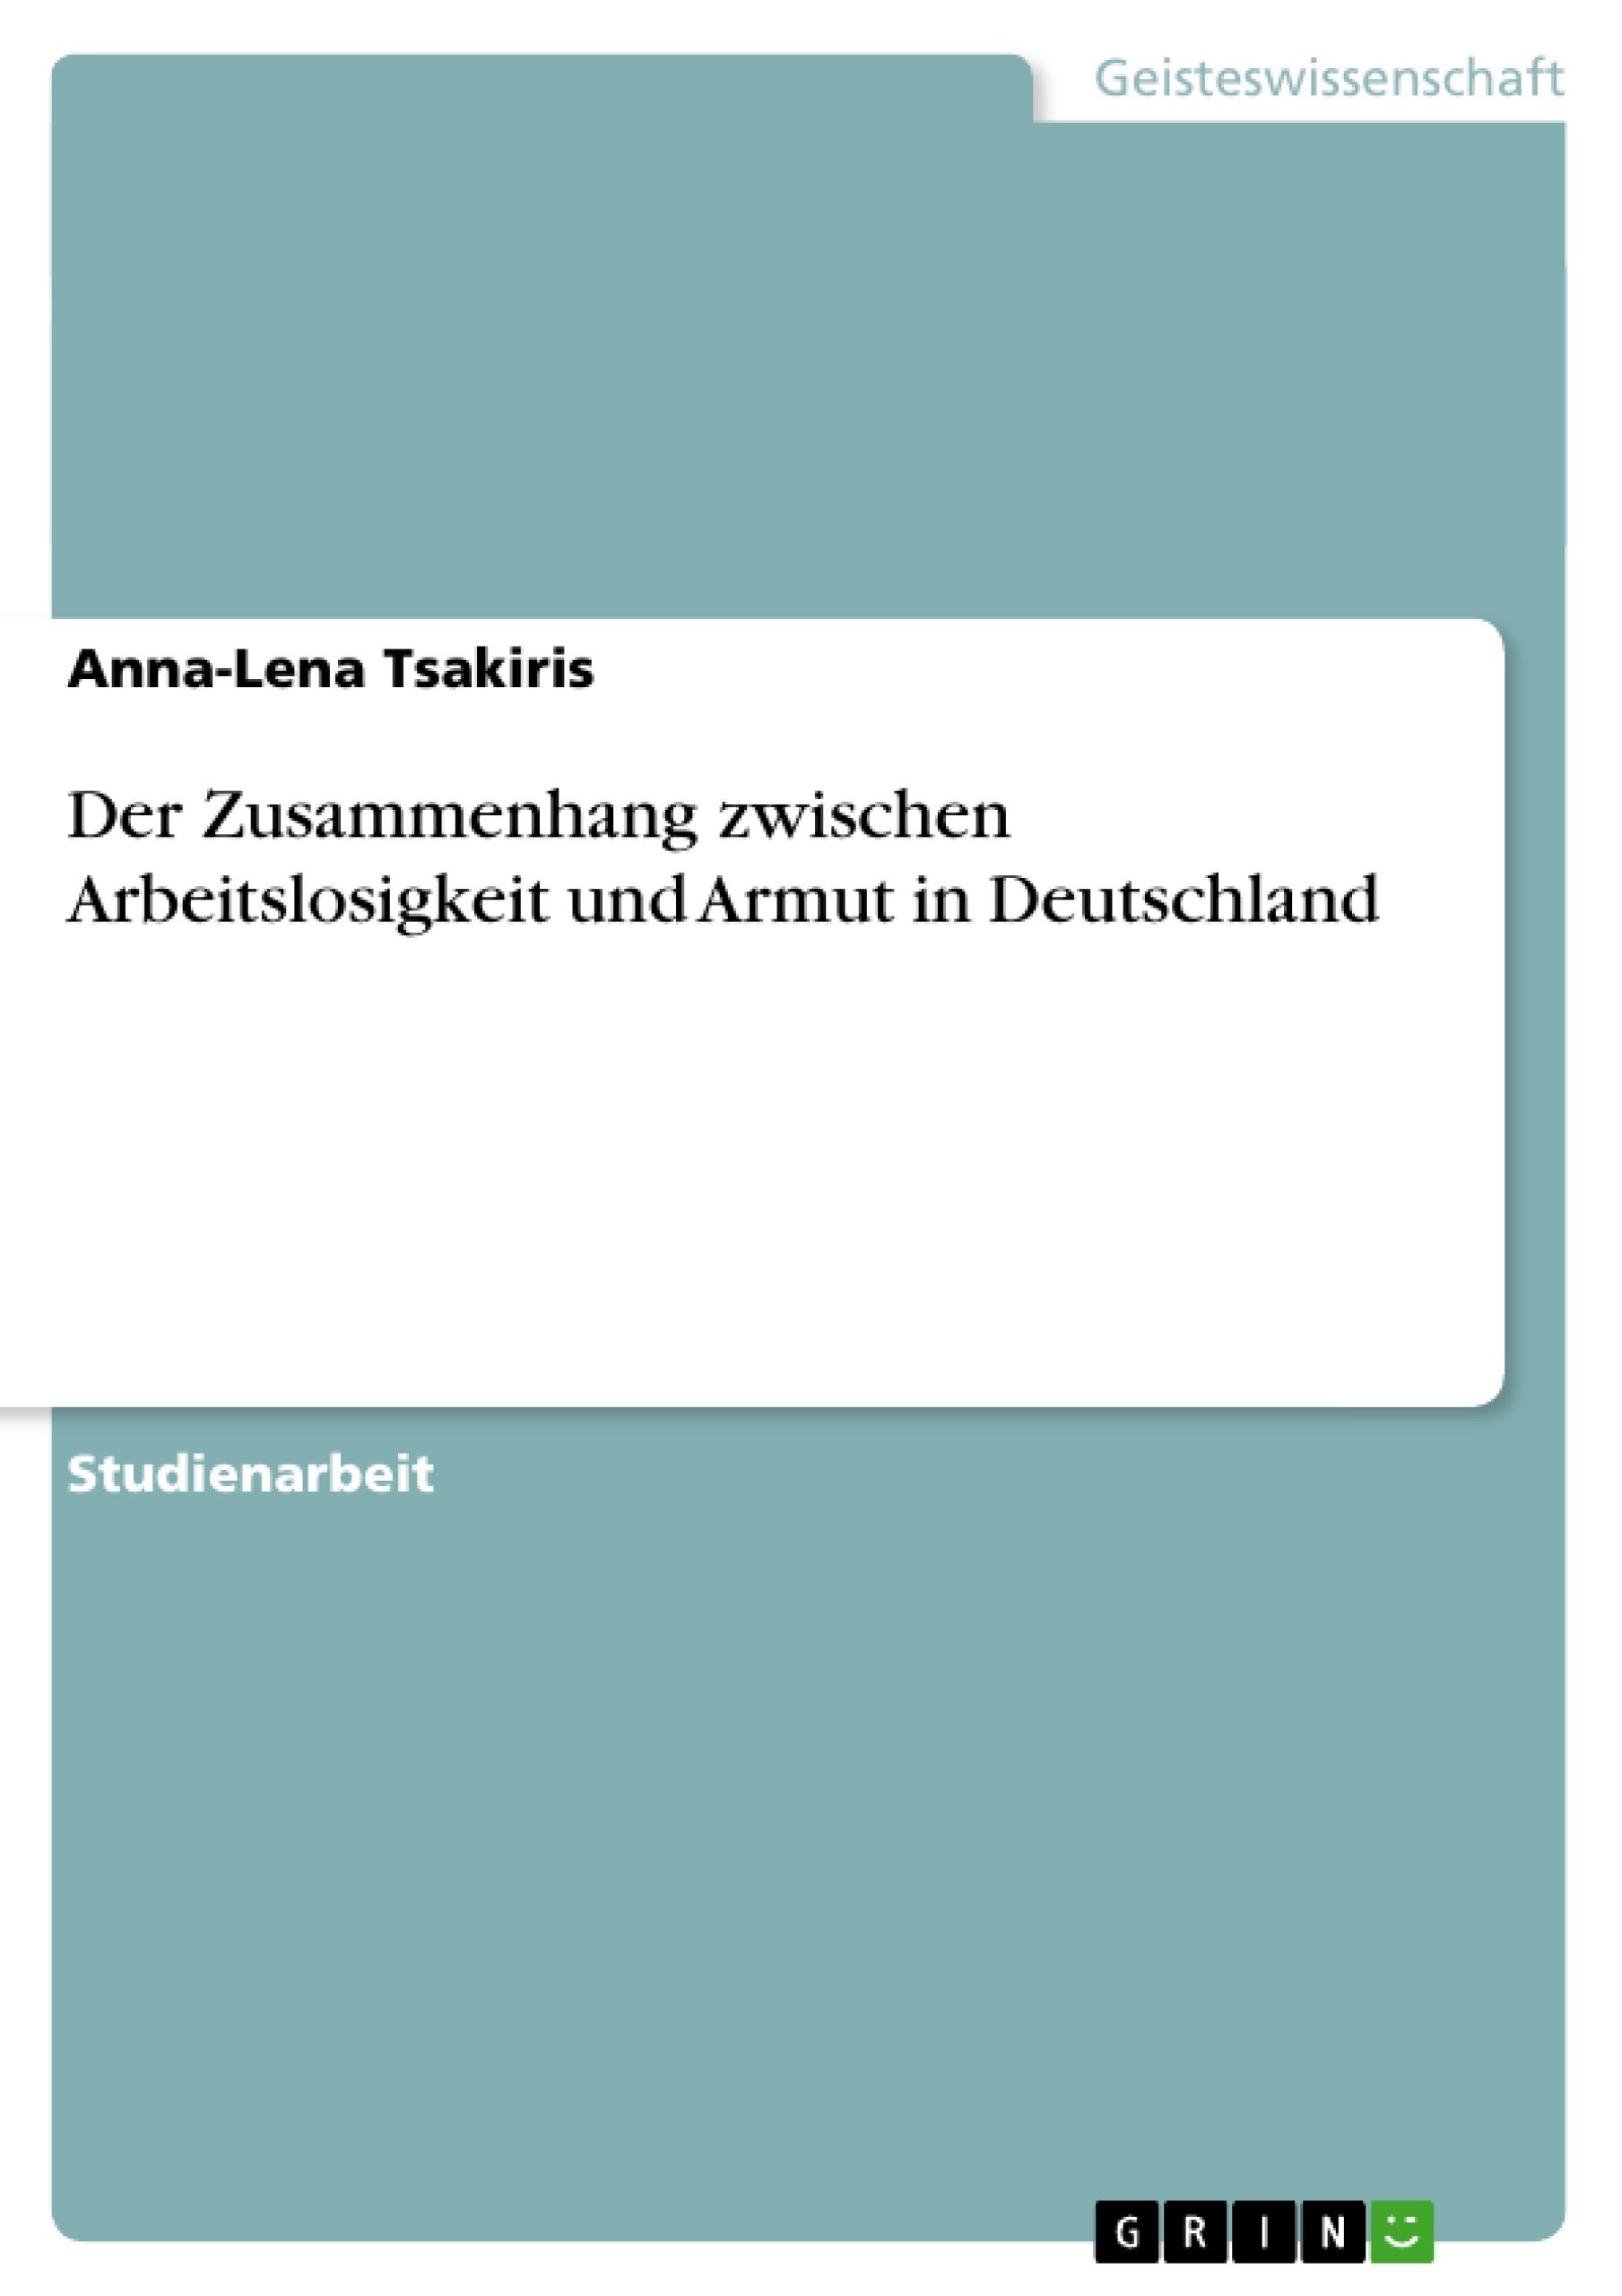 Titel: Der Zusammenhang zwischen Arbeitslosigkeit und Armut in Deutschland